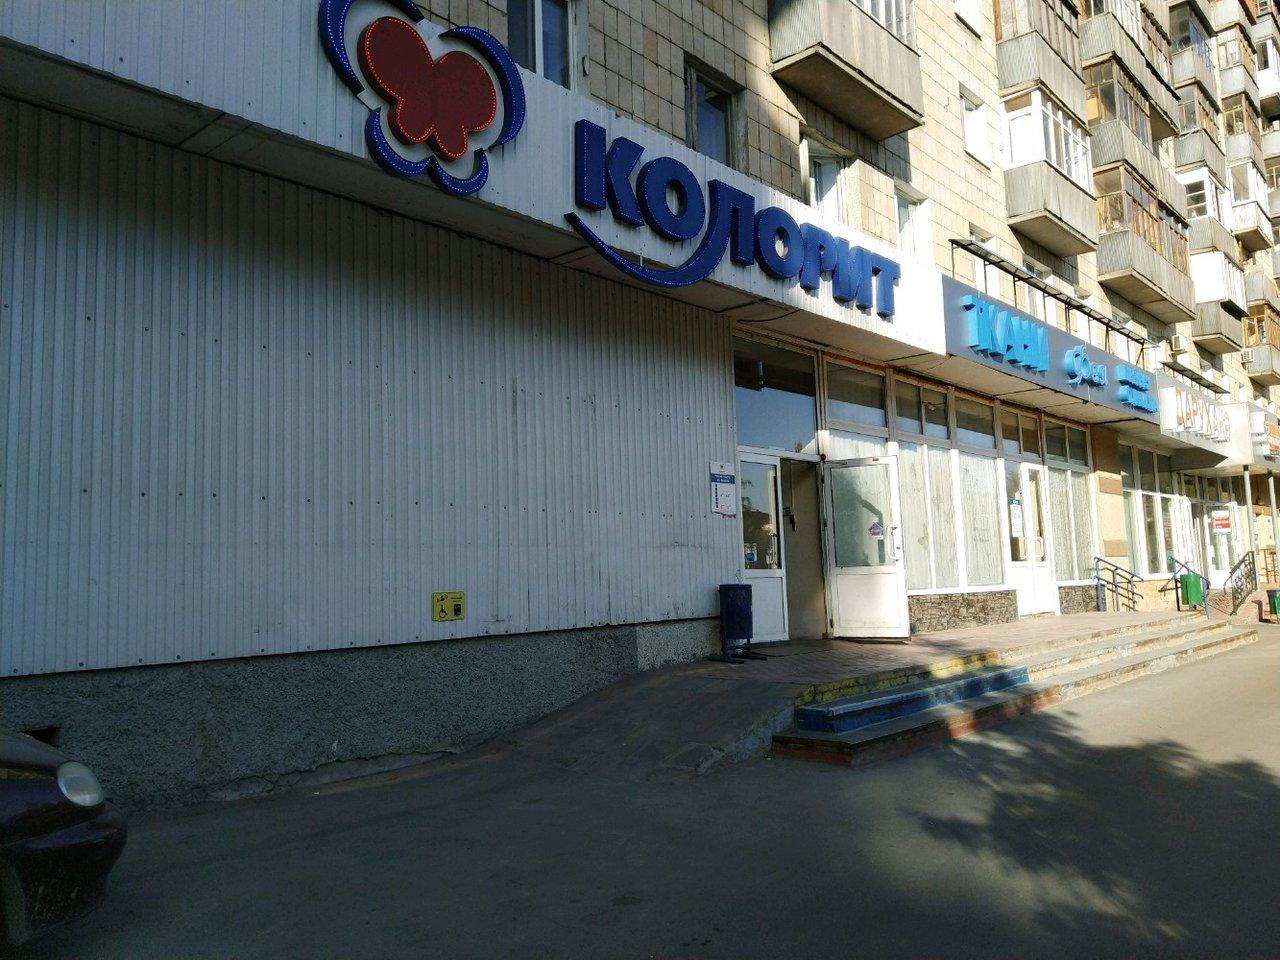 Магазин Колорит Казань Адреса